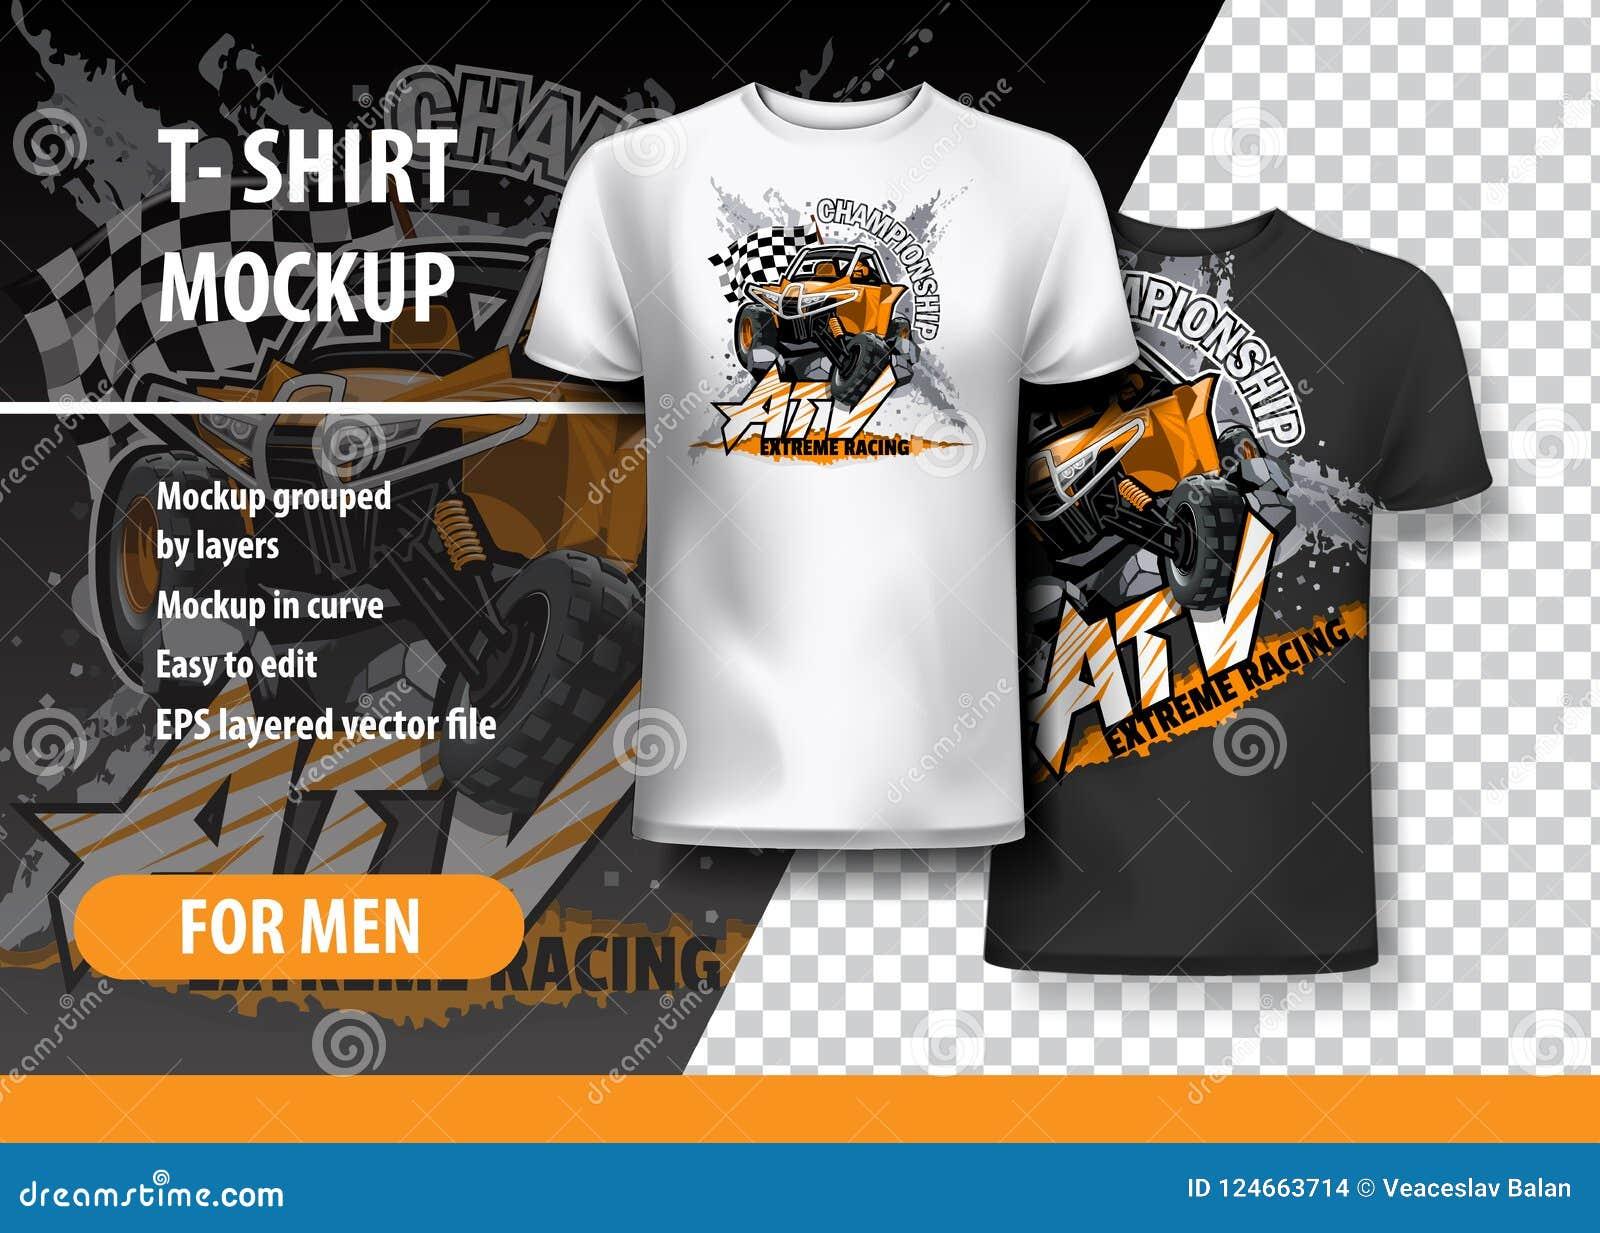 Πρότυπο μπλουζών, πλήρως editable με πορτοκαλή πλαϊνό με λάθη ATV